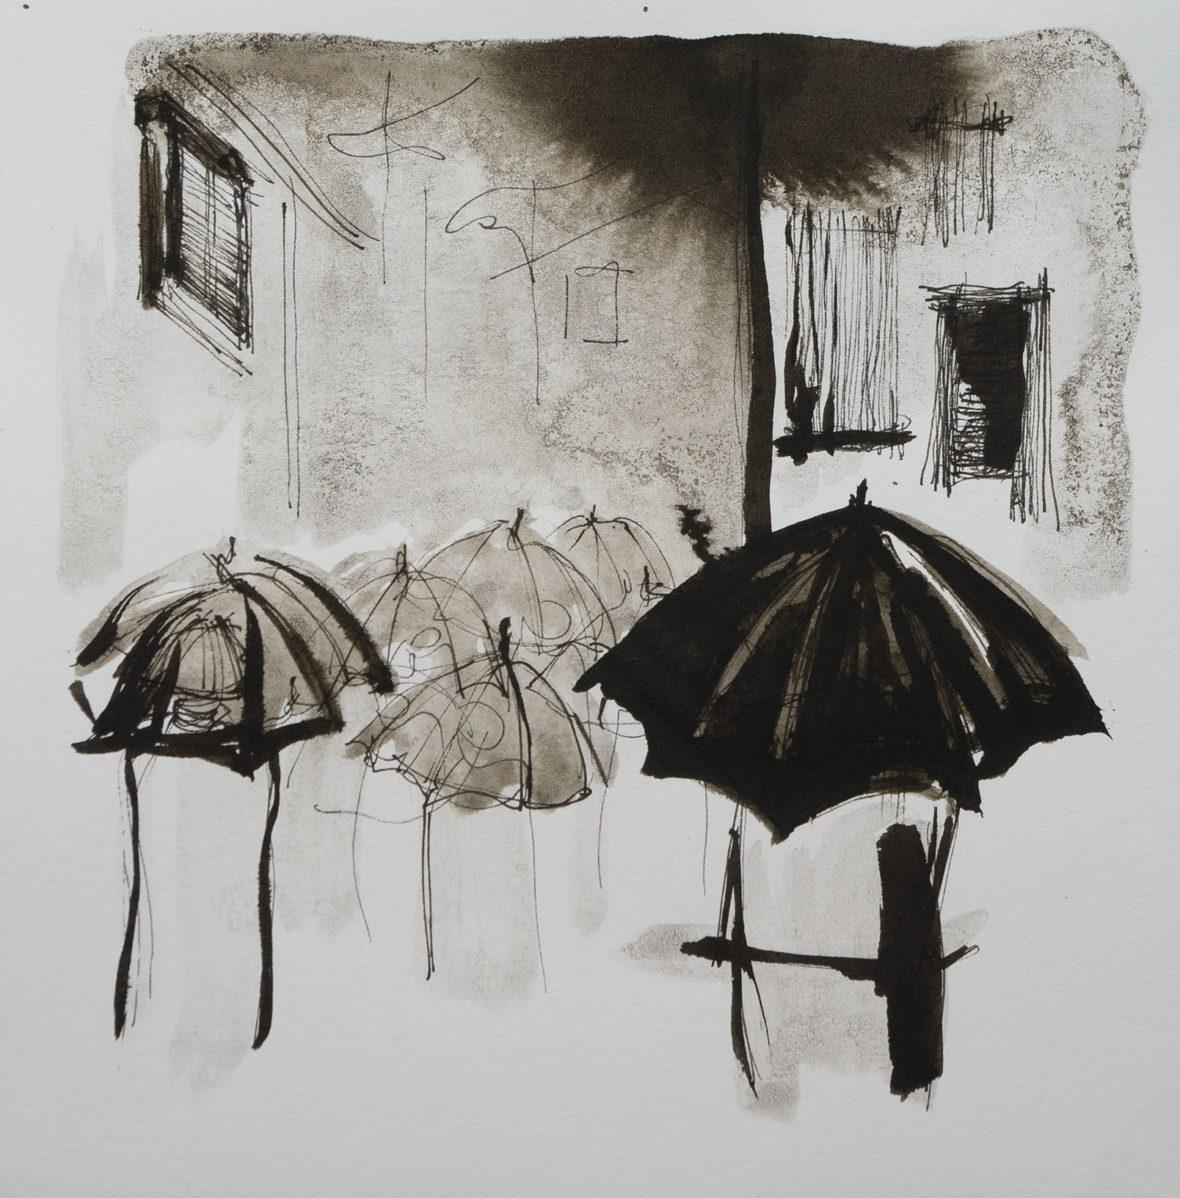 Sateella